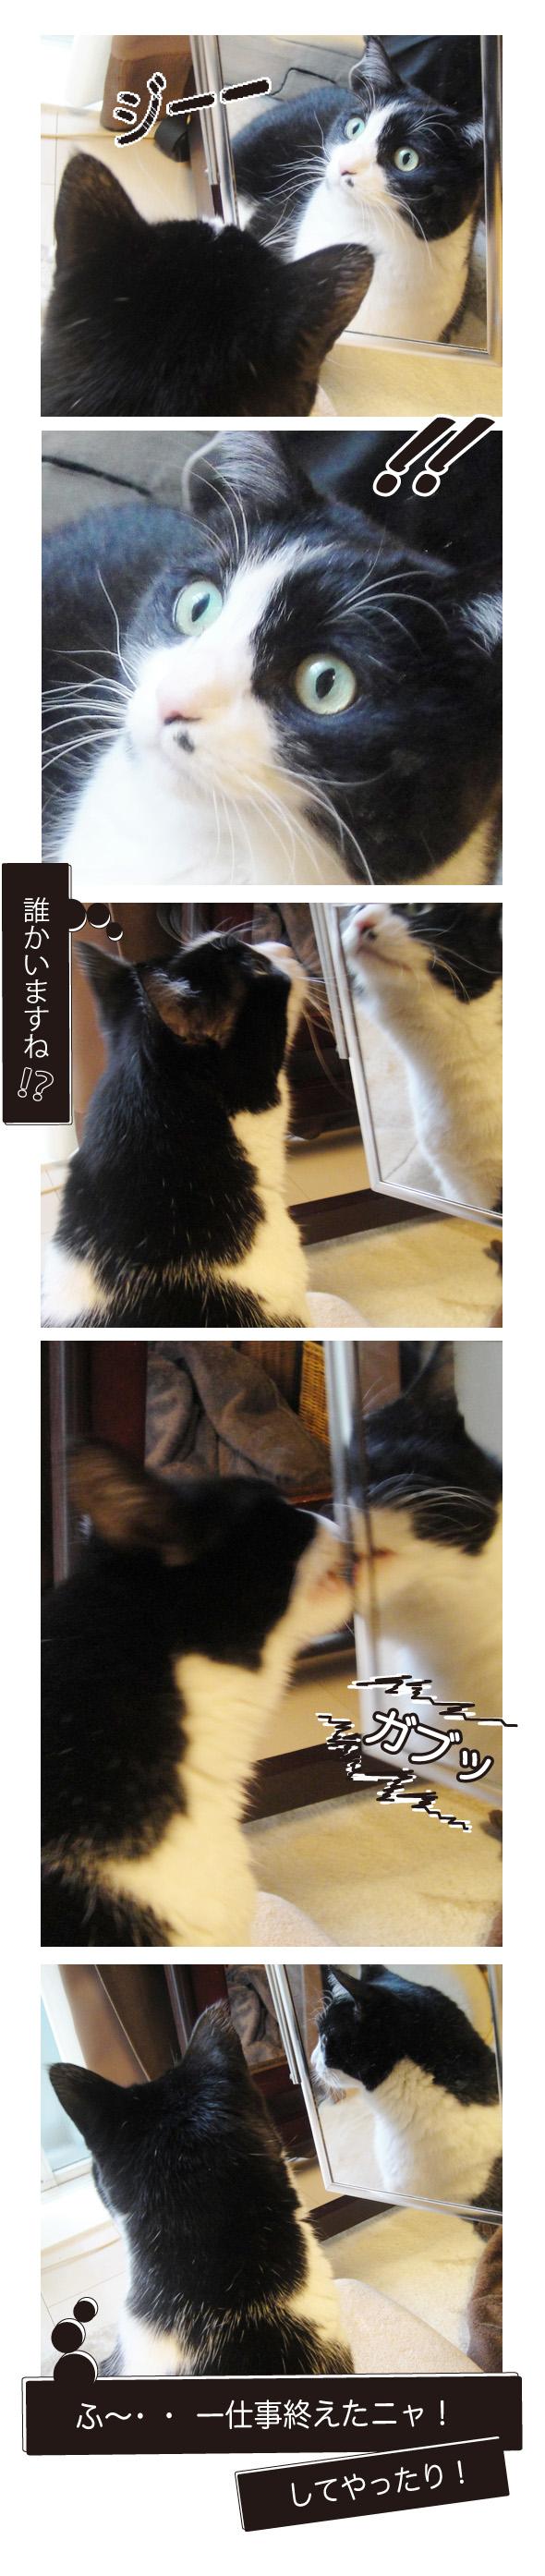 cats20160320.jpg